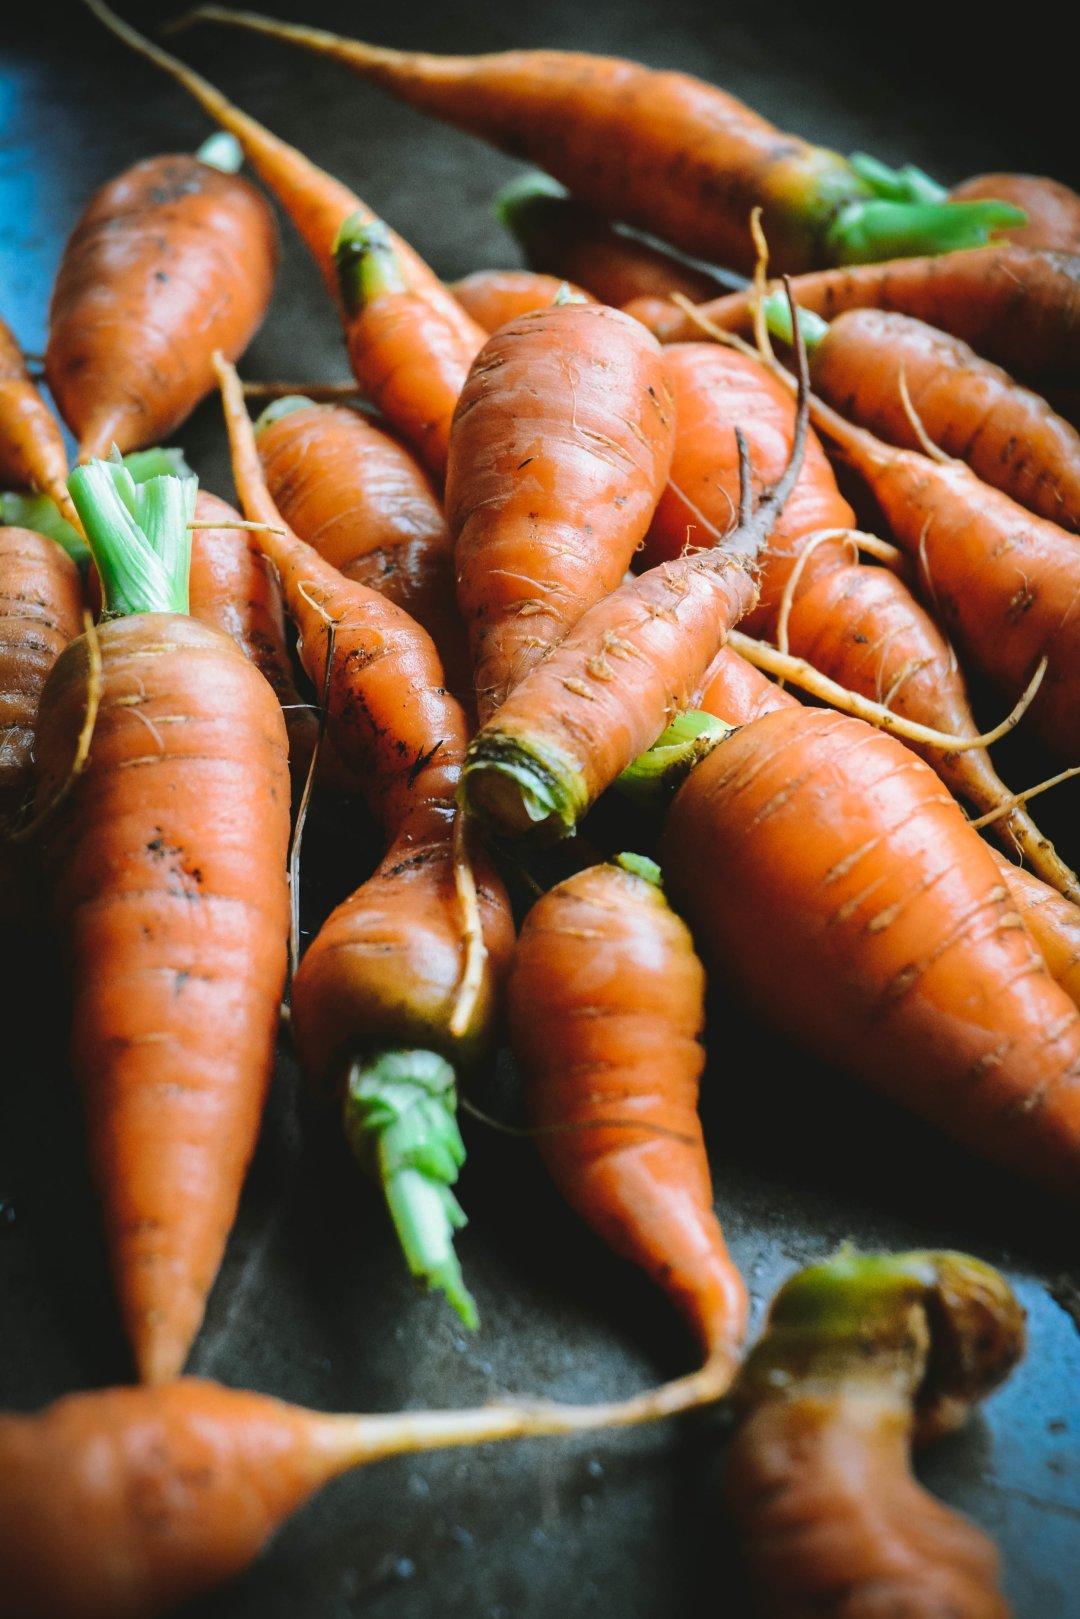 Fresh carrots on tray